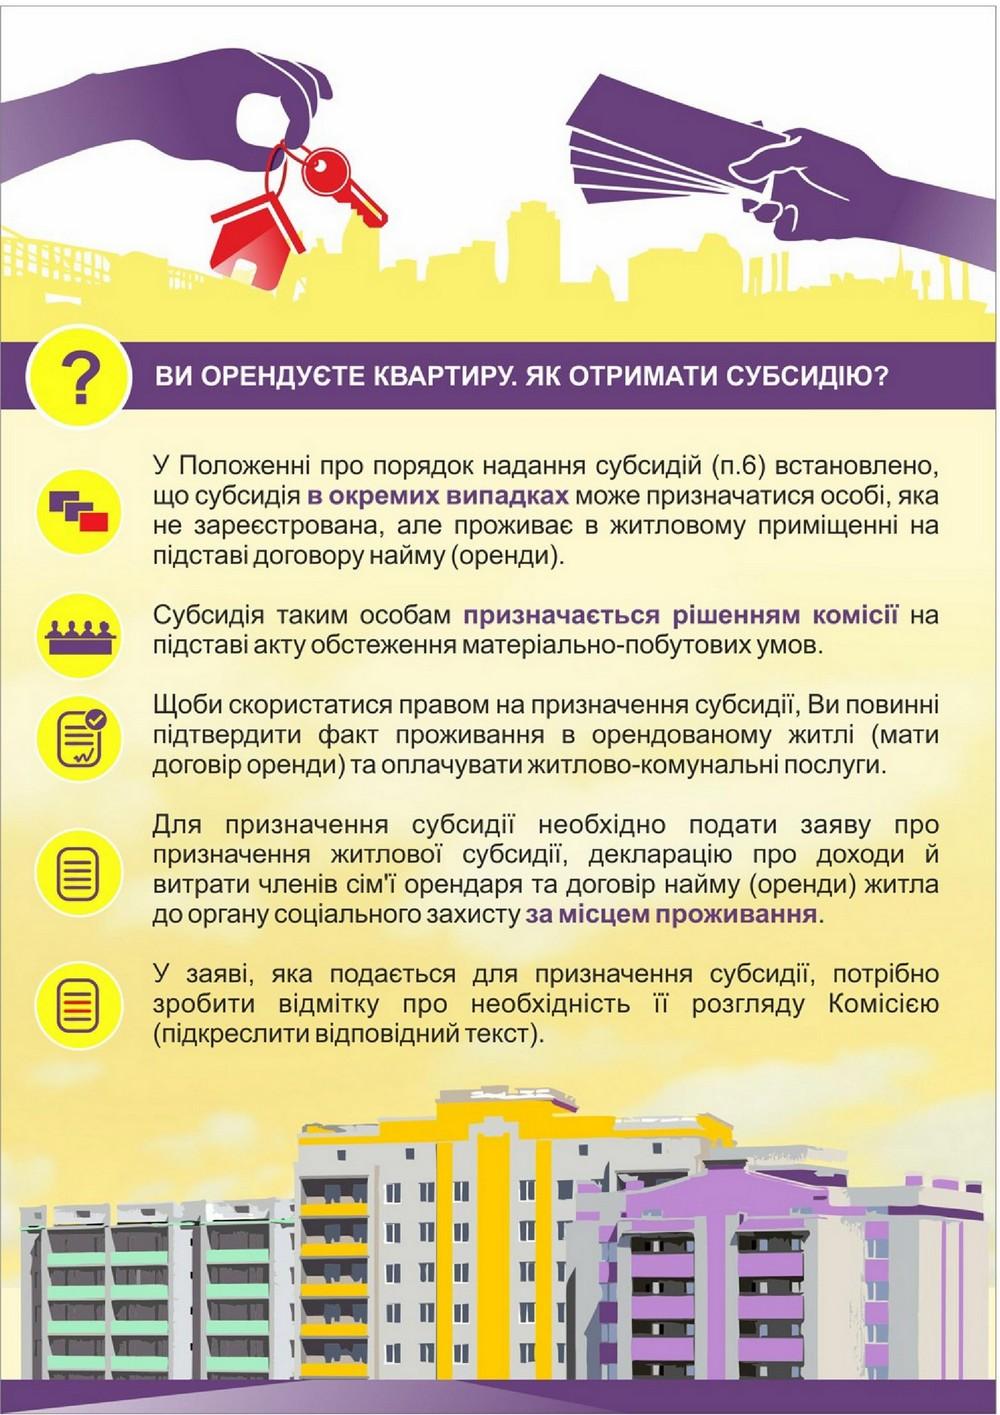 """Деякі актуальні питання щодо житлових субсидій 4 (Інформацію взято із сайту """"Інститут місцевого розвитку"""")"""